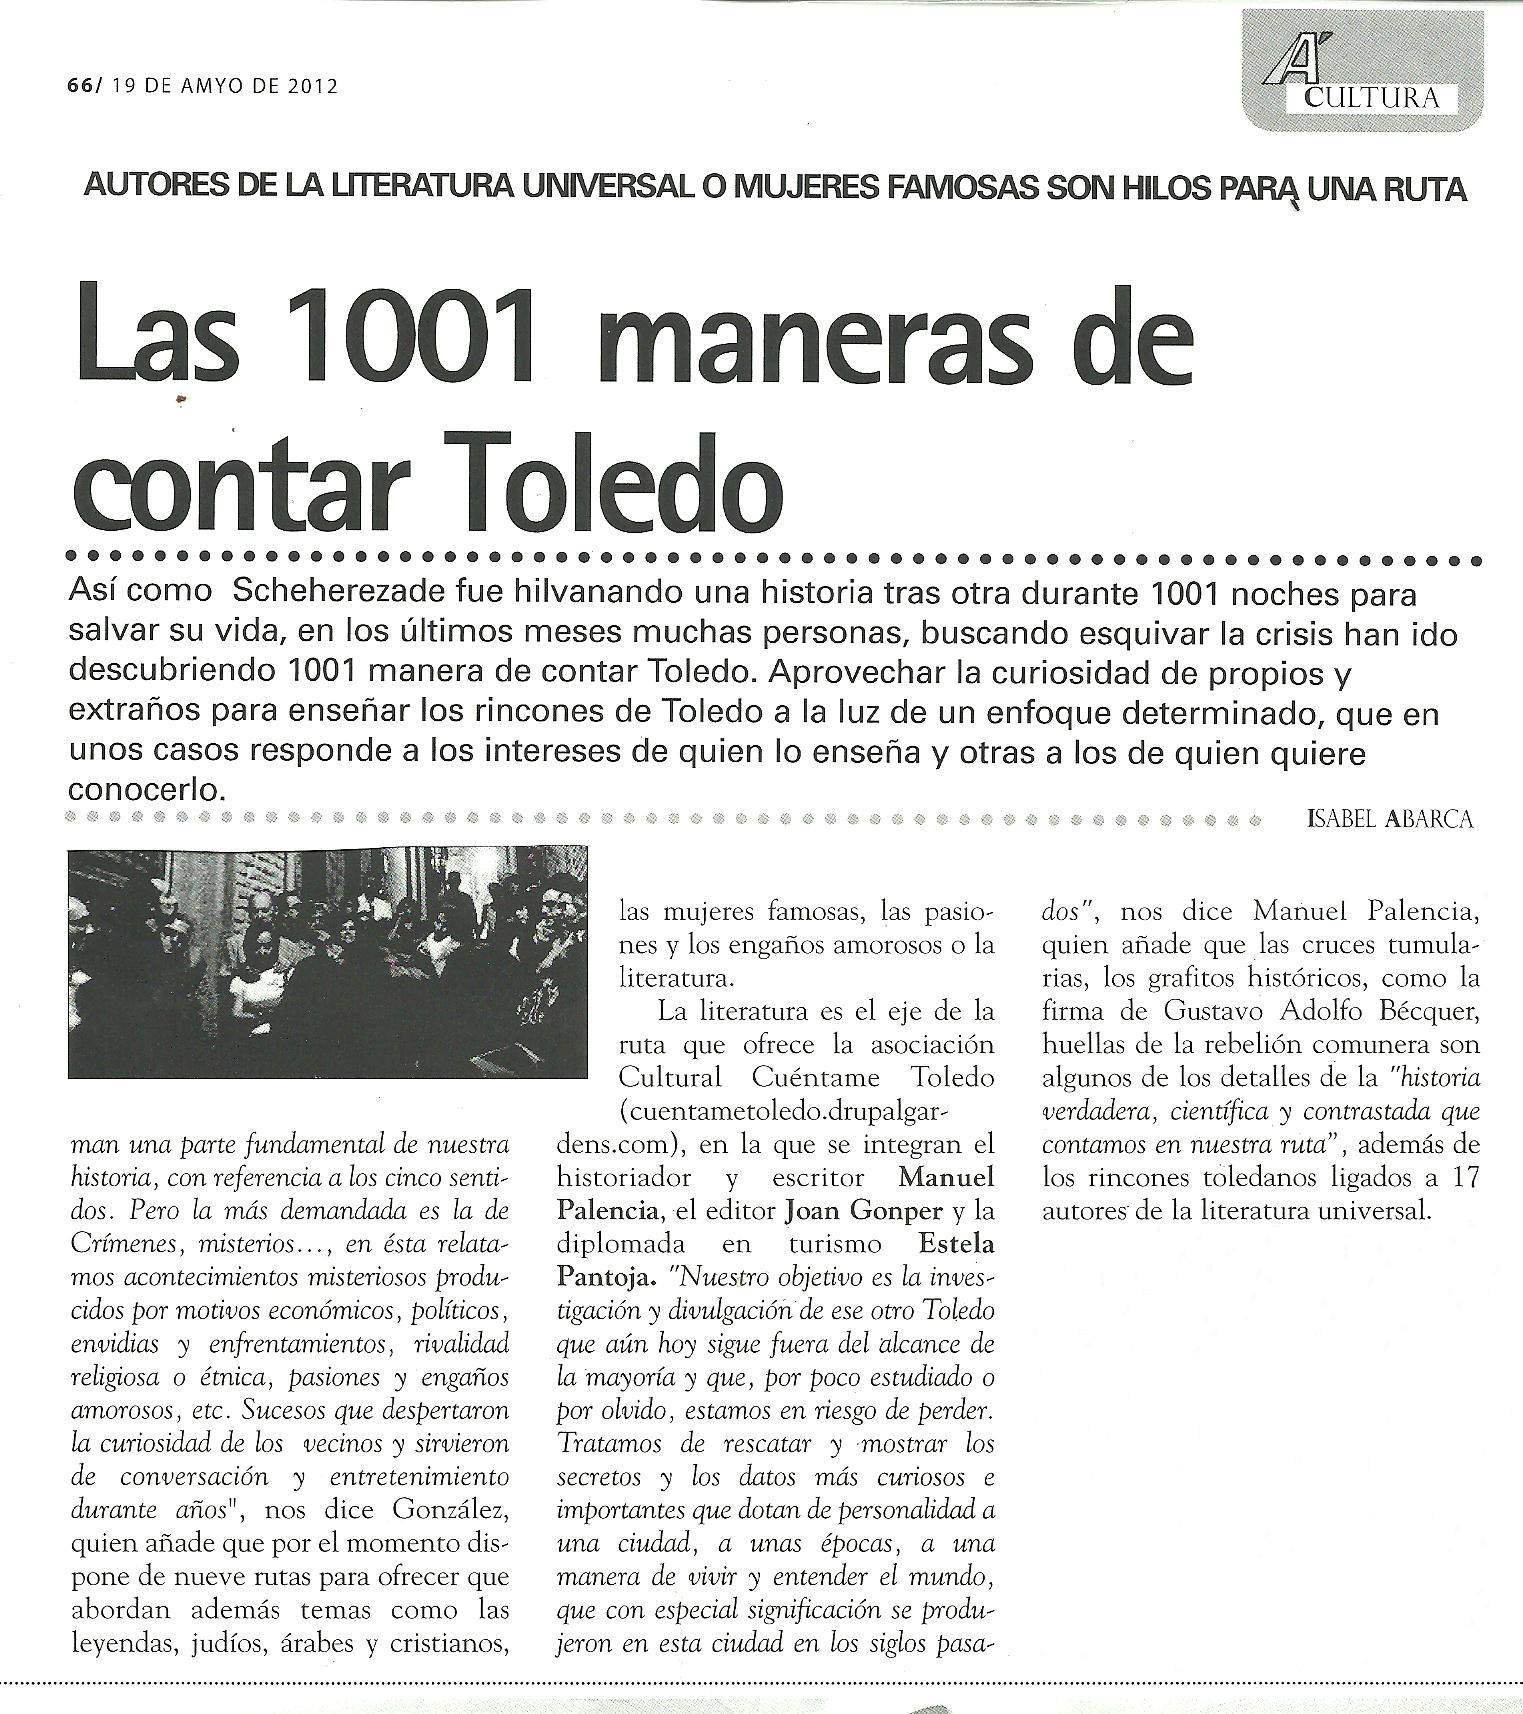 AQUÍ, revista : 'Cuéntame Toledo', por Isabel Abarca.